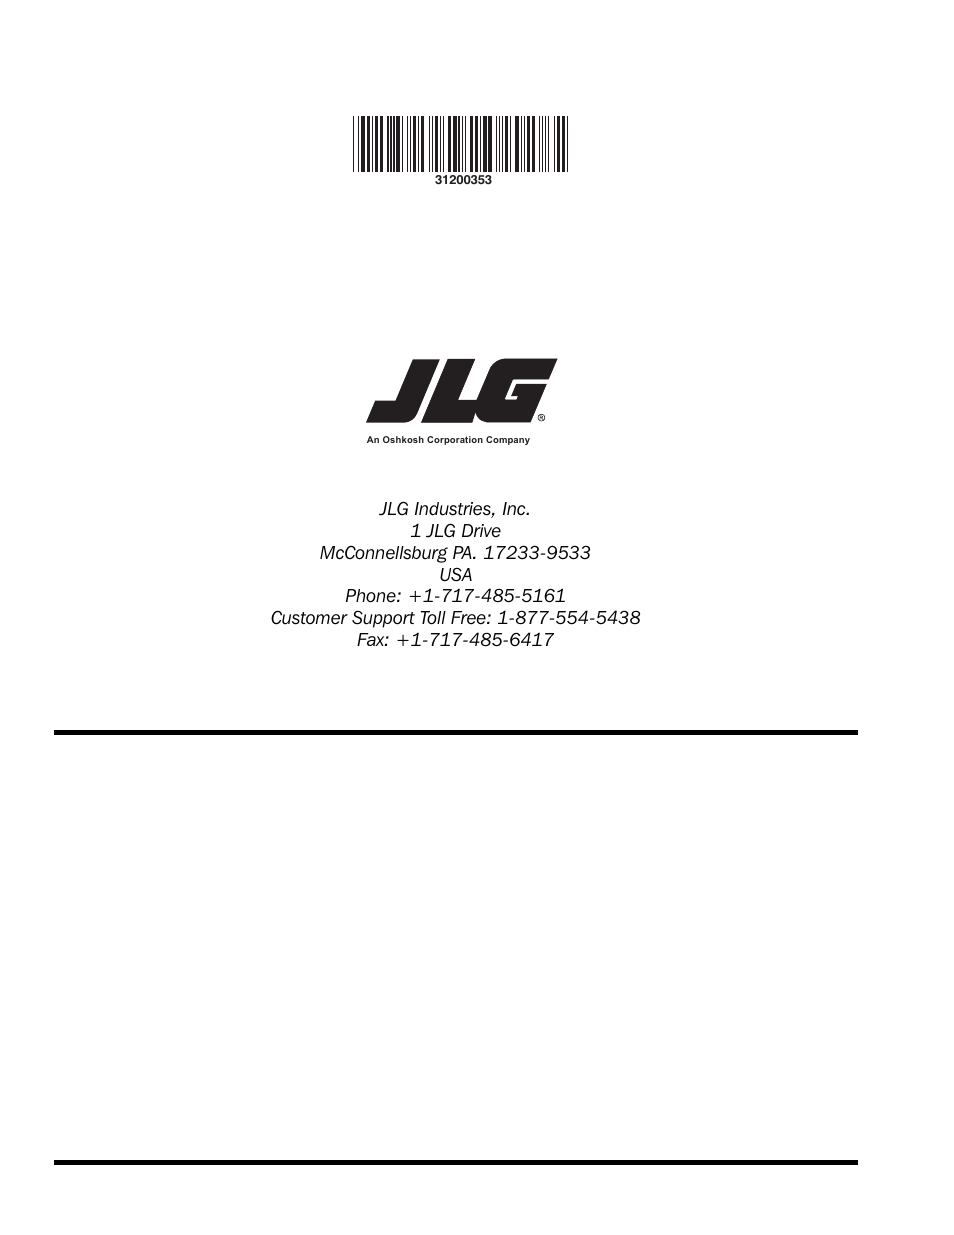 g41g33 motherboard12 g41 g33 motherboard22 Array - jlg worldwide locations  skytrak 8042 service manual user manual rh manualsdir com